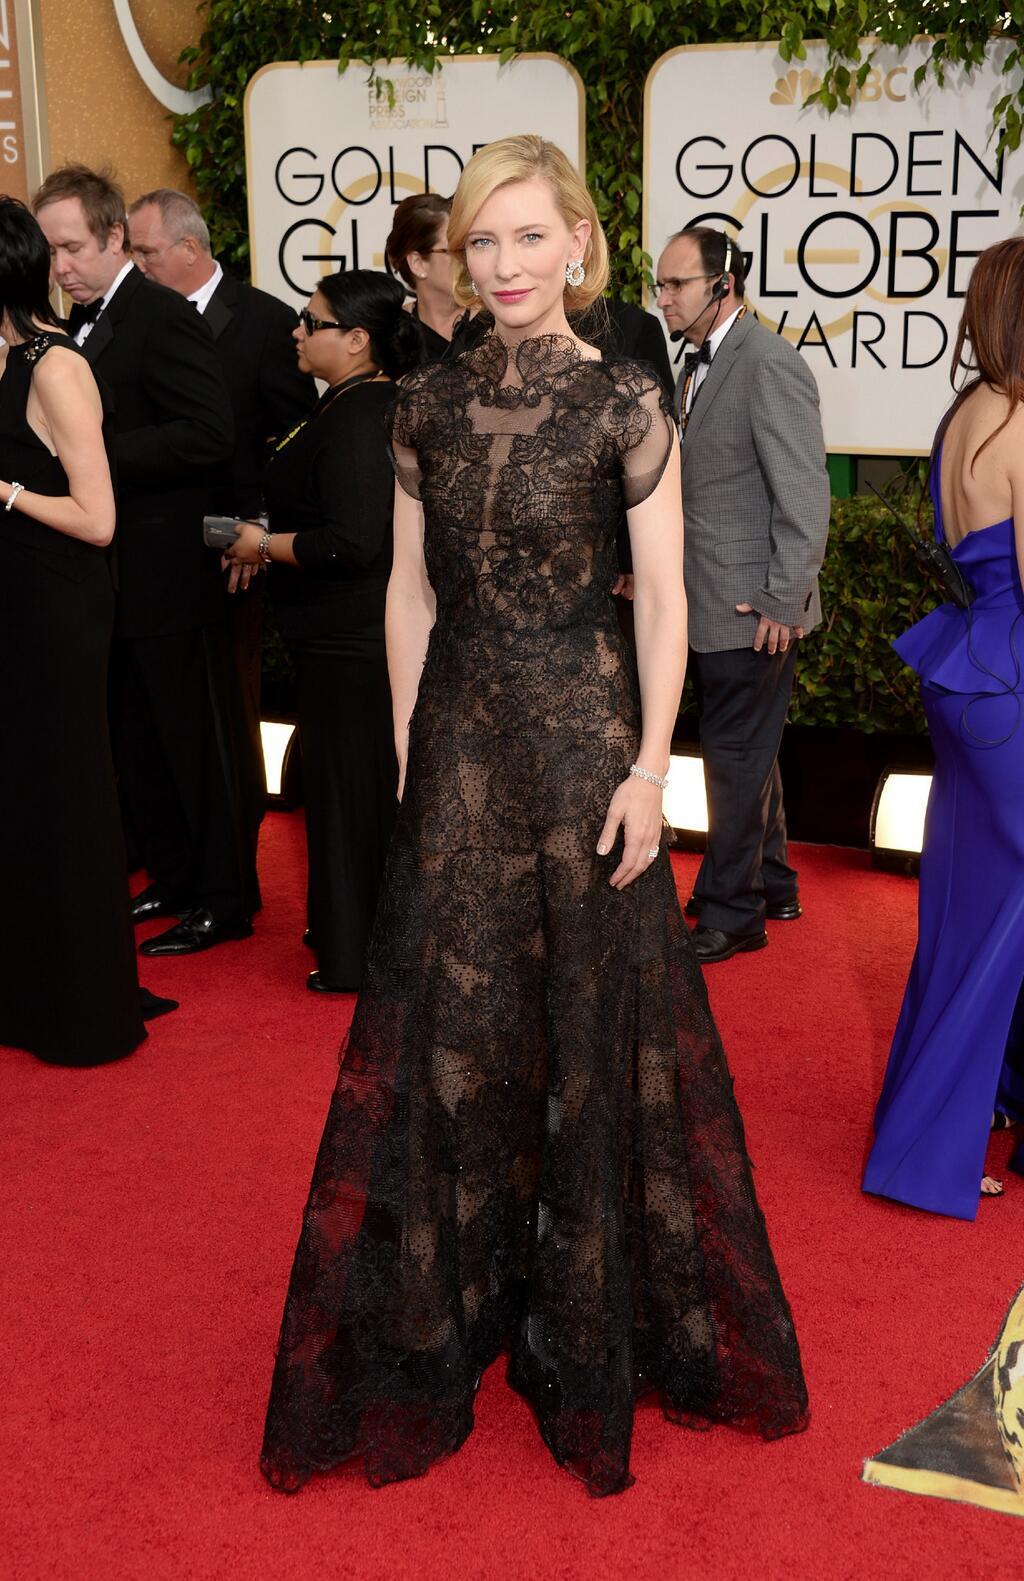 La moda de los Golden Globes 2014